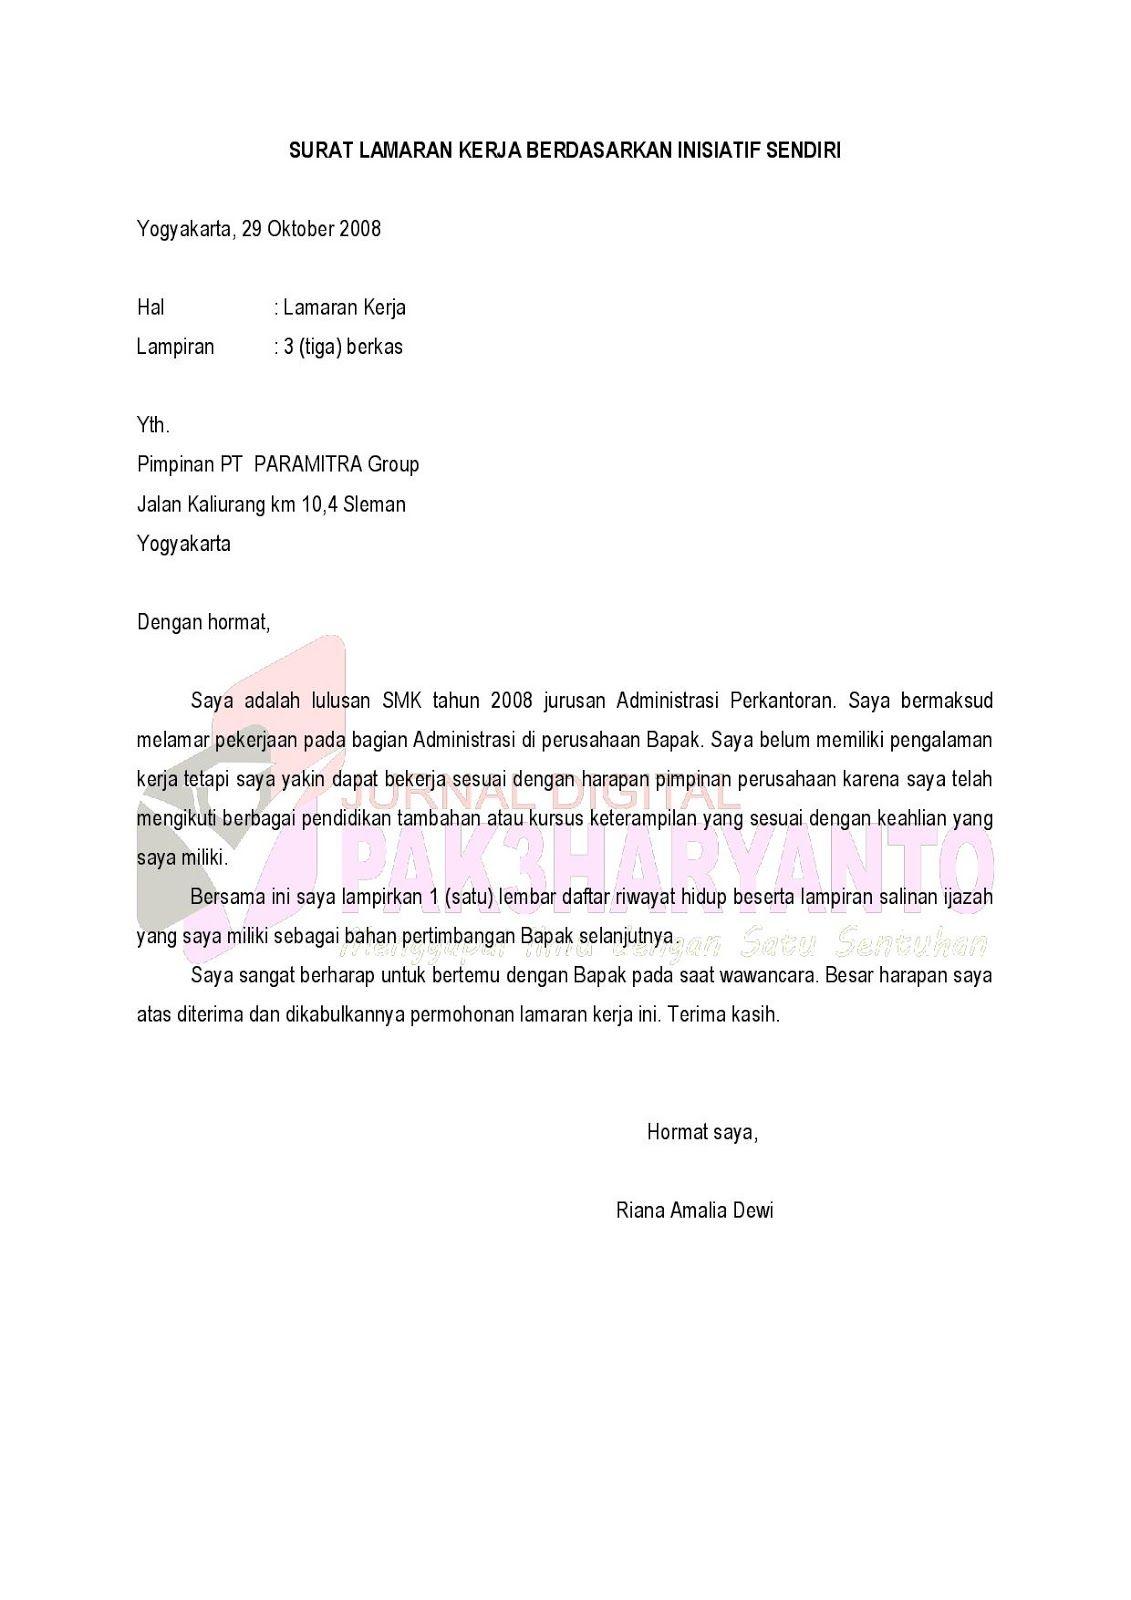 Contoh Surat Lamaran Dalam Bahasa Inggris Untuk Kapal Pesiar